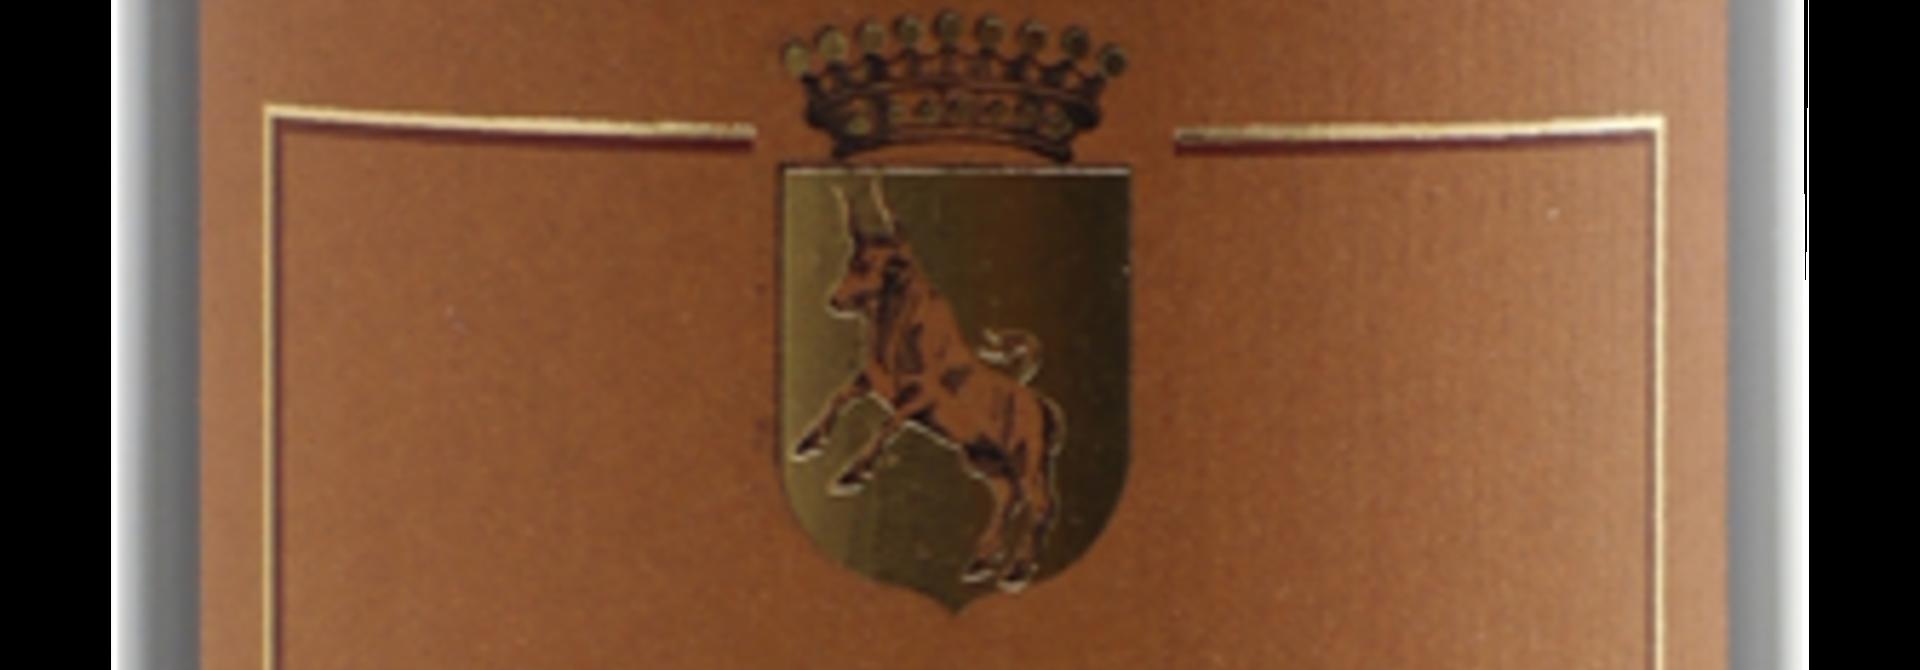 Conti Costanti Rosso di Montalcino, Vermiglio 2014